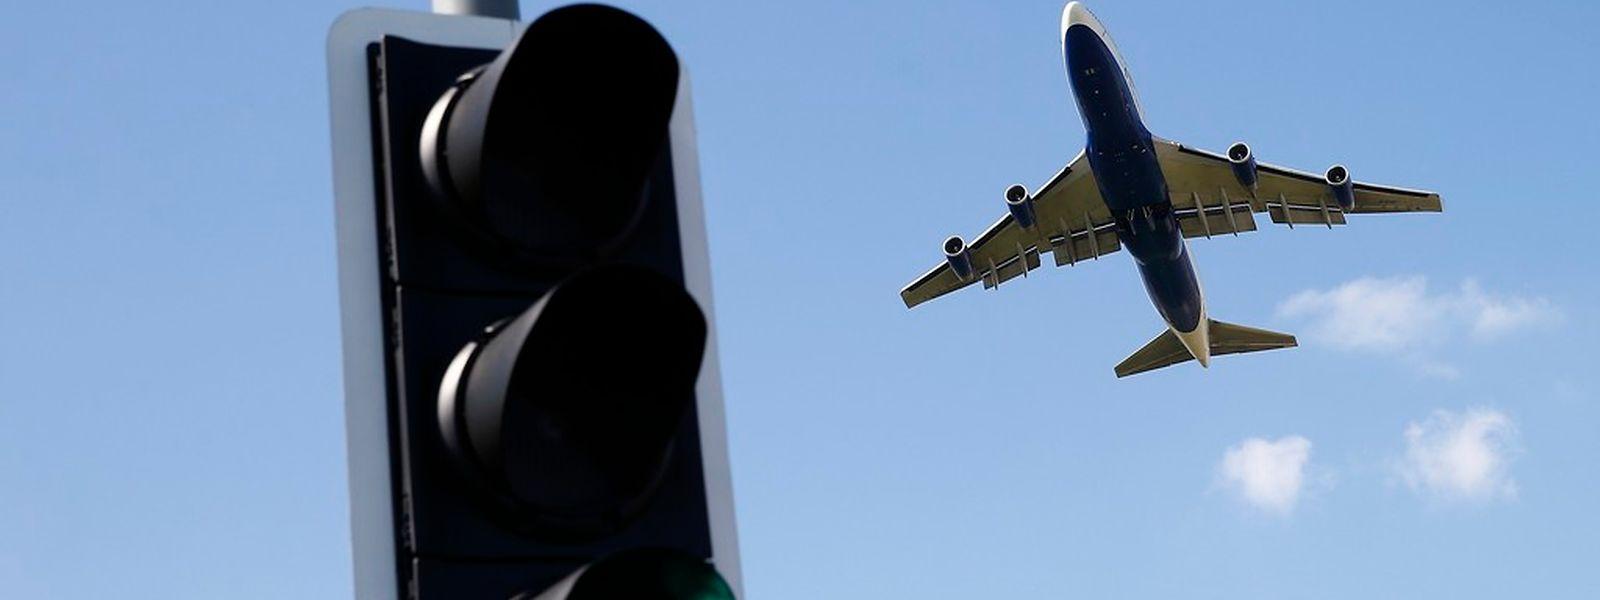 Bei Verspätungen können Passagiere Schadenersatz fordern - auch wenn das Flugzeug lange mit geschlossenen Türen parkt.